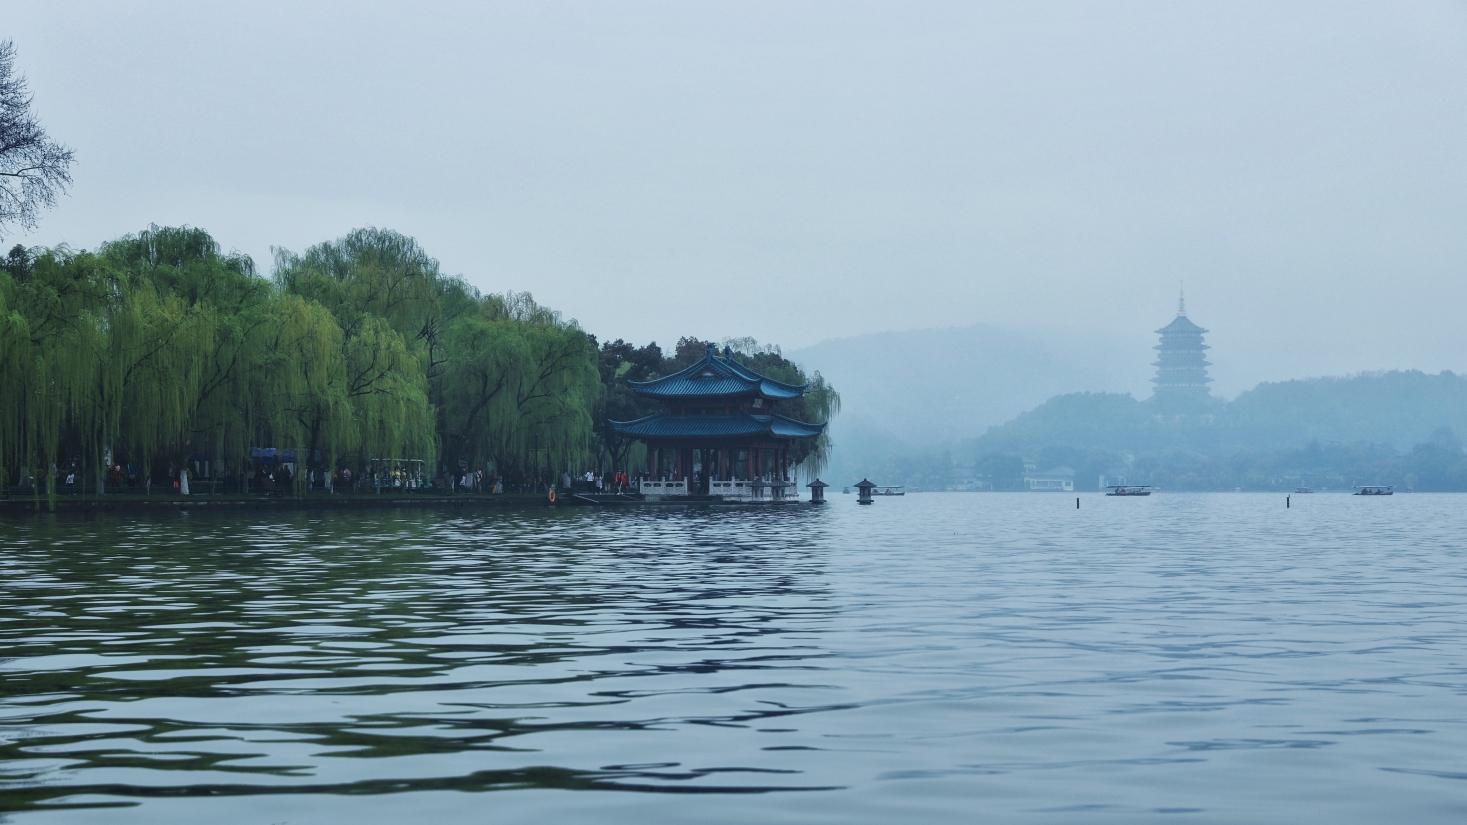 杭州西湖新十景是什么,杭州西湖新十景和老十景有什么区别